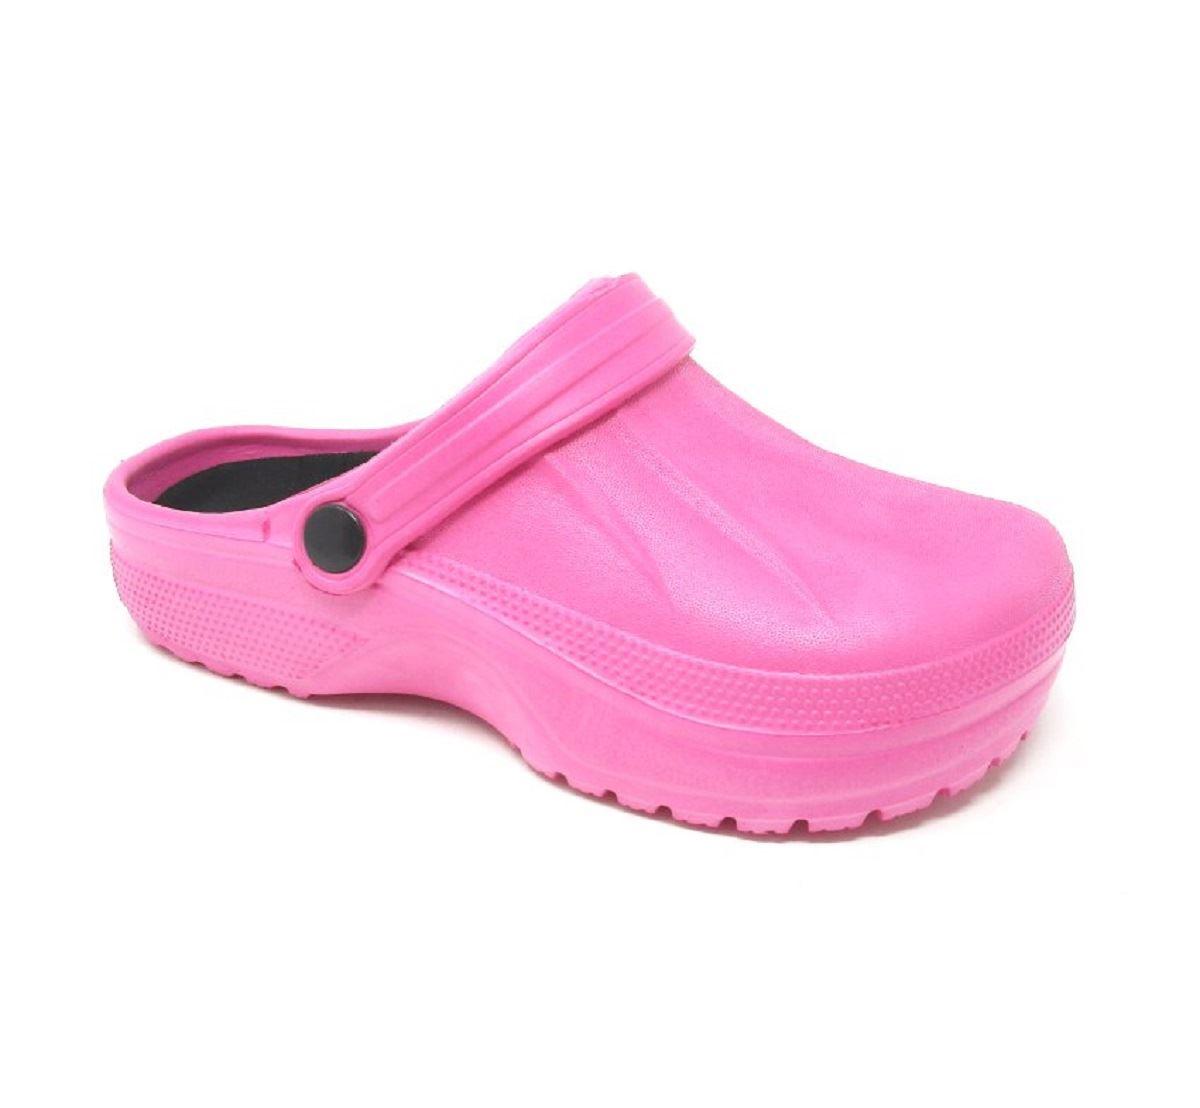 Womens-Clogs-Mules-Slipper-Nursing-Garden-Beach-Sandals-Hospital-Rubber-Shoes miniatura 10